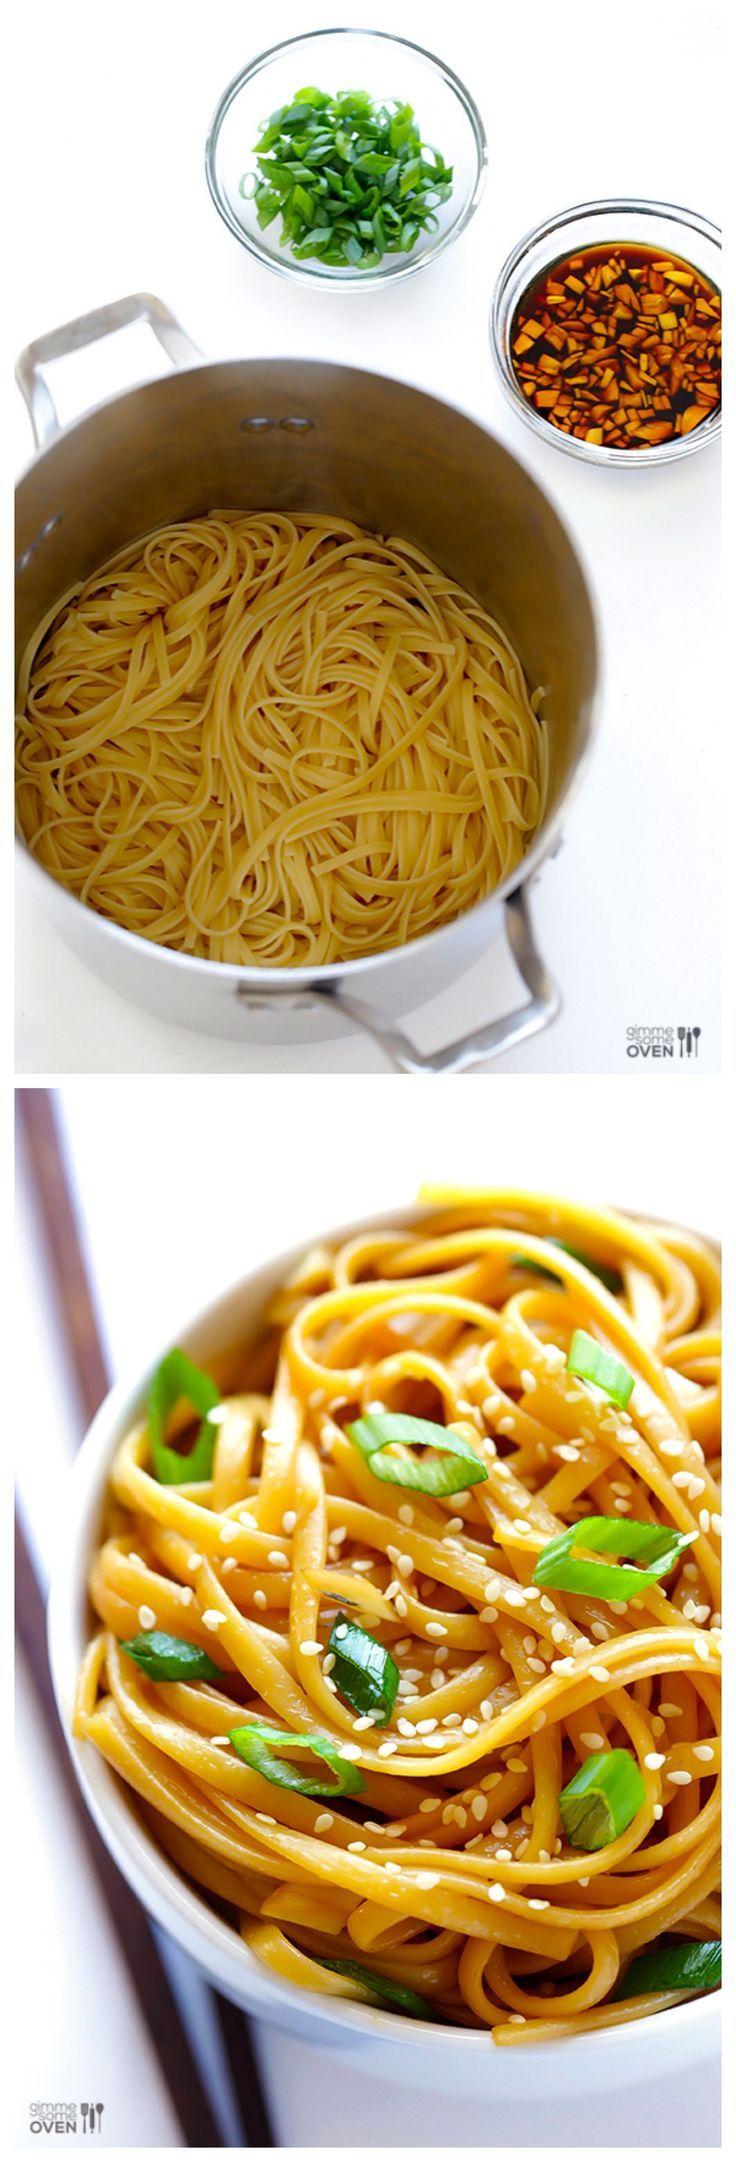 Cold Side Dishes on Pinterest   Sesame Noodles, Corn ...